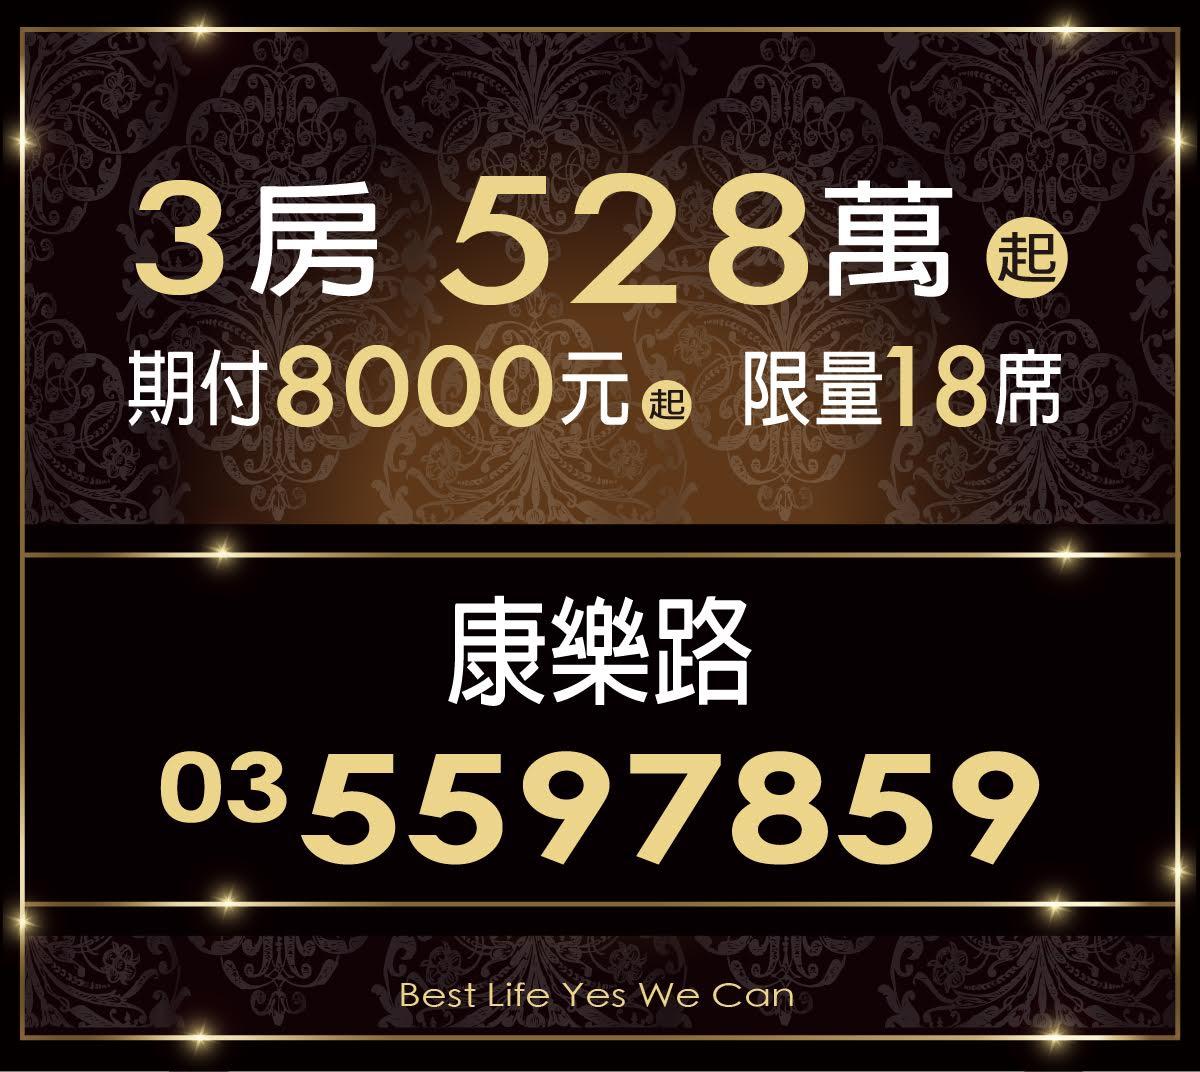 [新豐福陽] 寶福聚建設-大壯新豐 2016-04-11 003.jpg